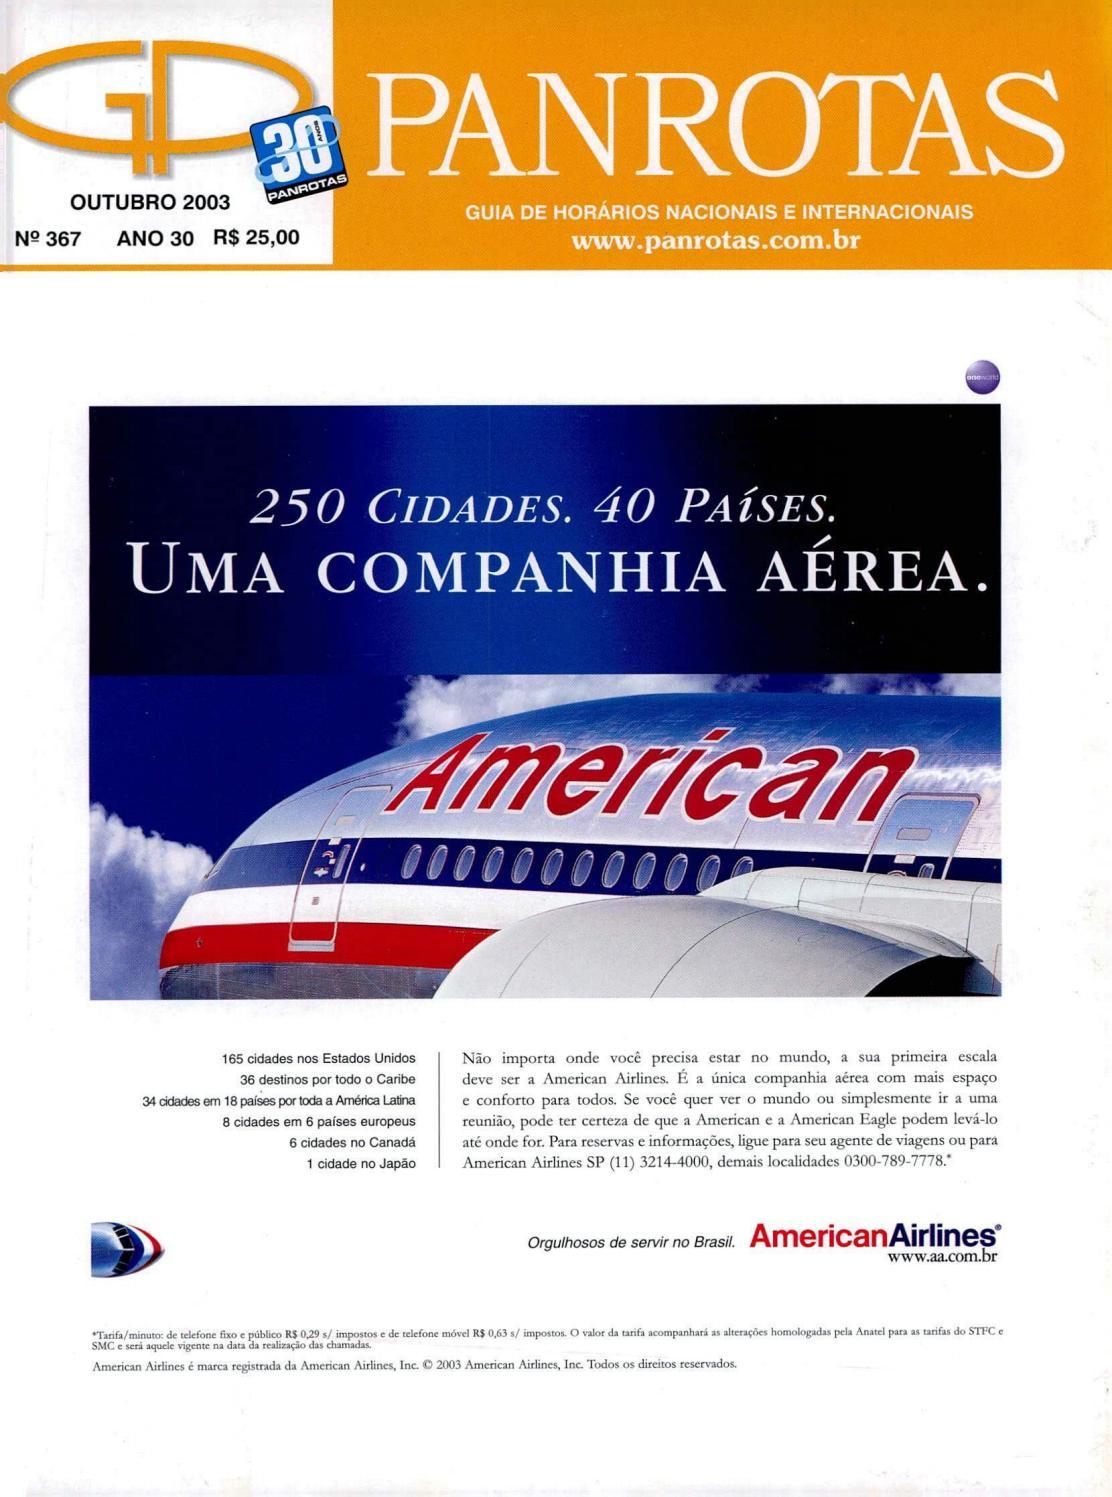 d95653d8ec Guia PANROTAS - Edição 367 - Outubro/2003 by PANROTAS Editora - issuu